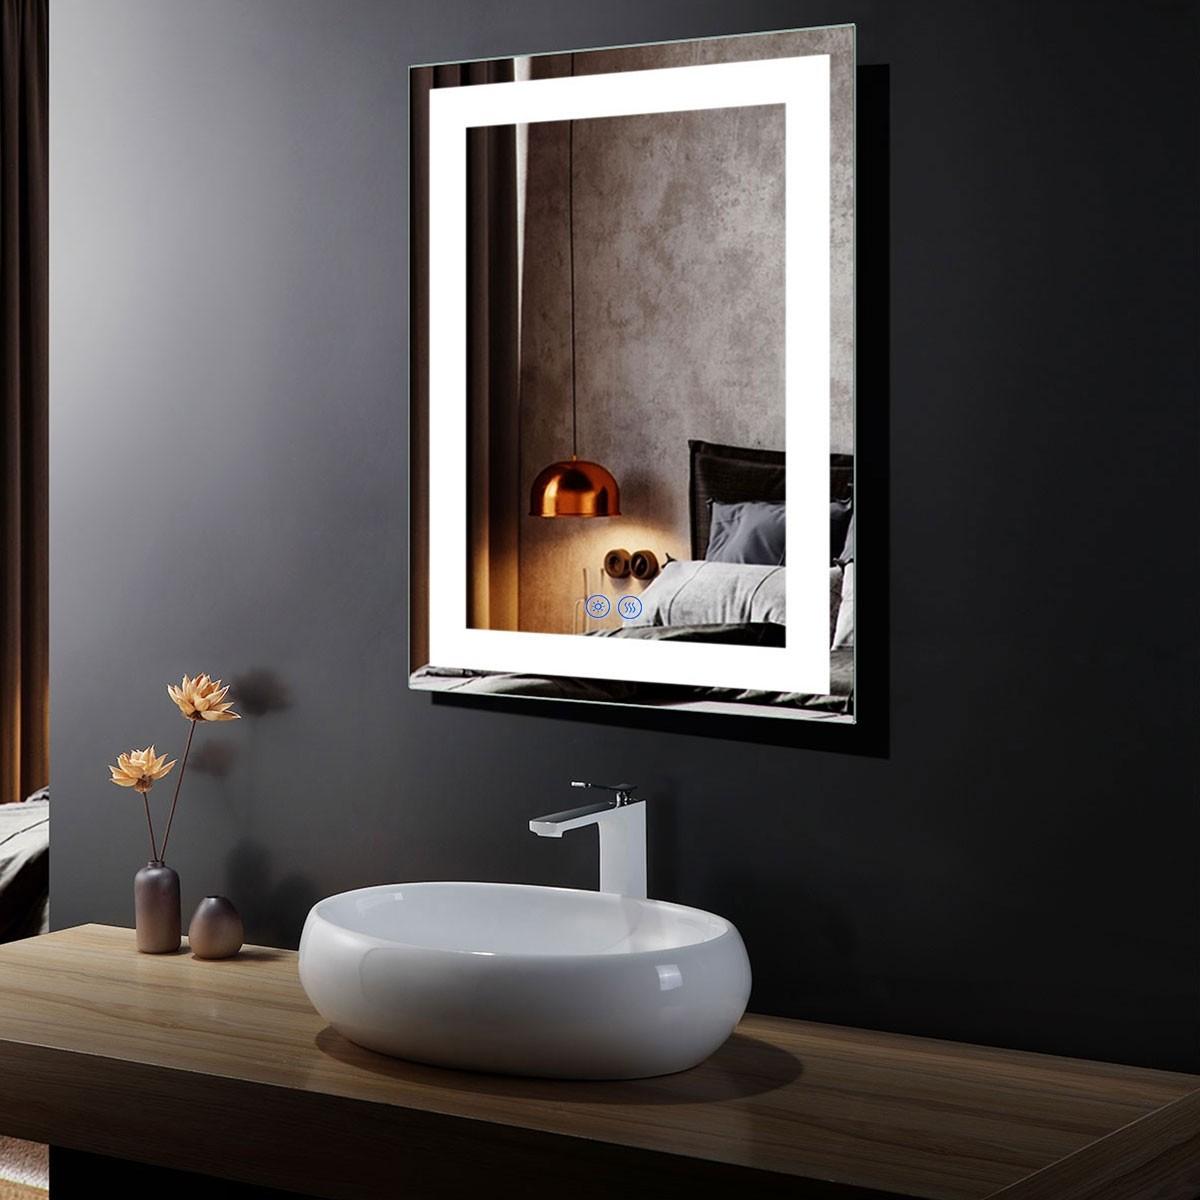 DECORAPORT 24 x 32 Po Miroir de Salle de Bain LED avec Bouton Tactile, Anti-Buée, Luminosité Réglable, Montage Vertical & Horizontal (D214-2432)